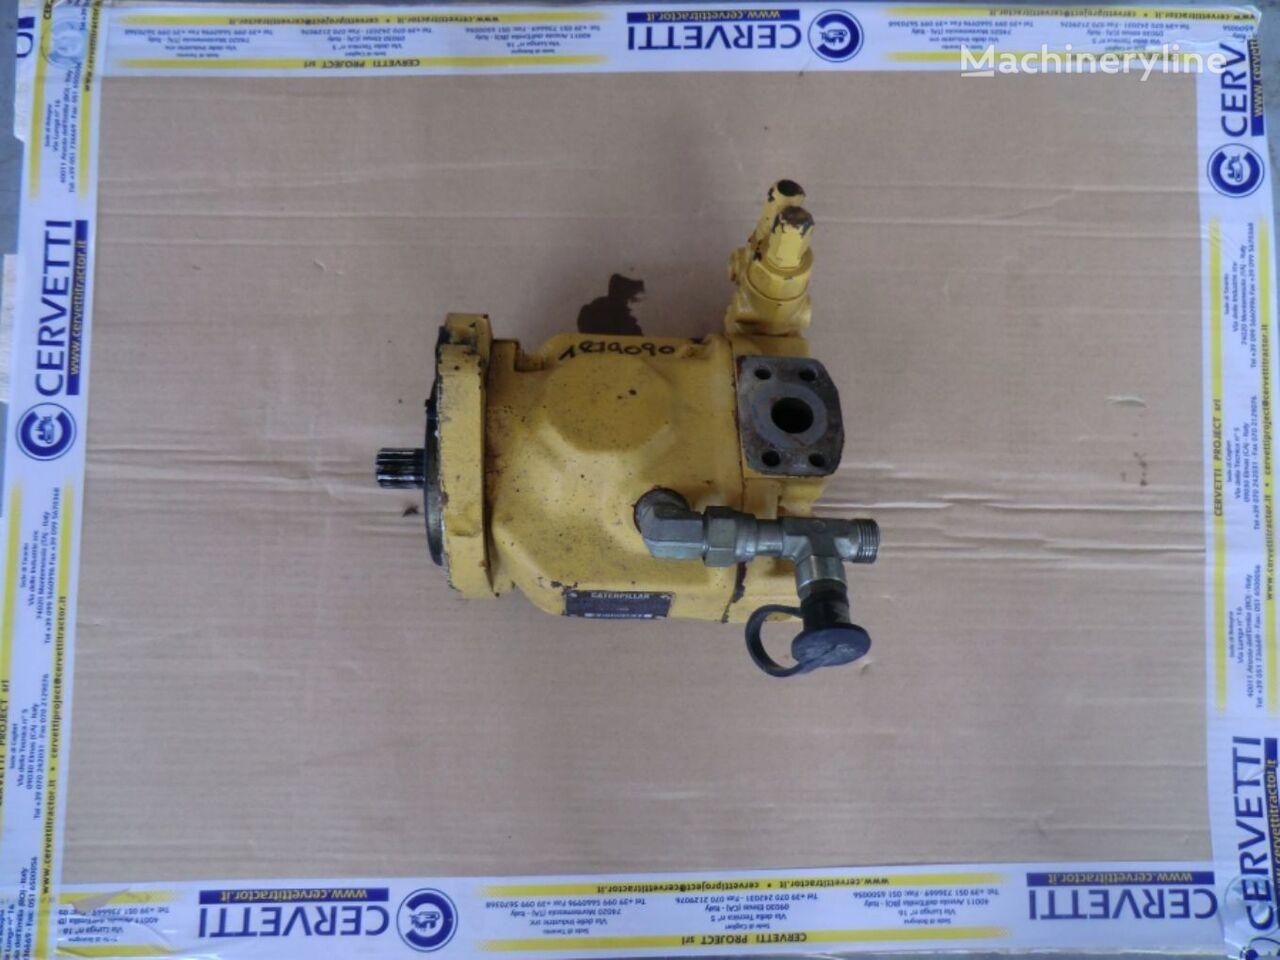 hydraulic pump for CATERPILLAR 735 AWR00399 articulated dump truck